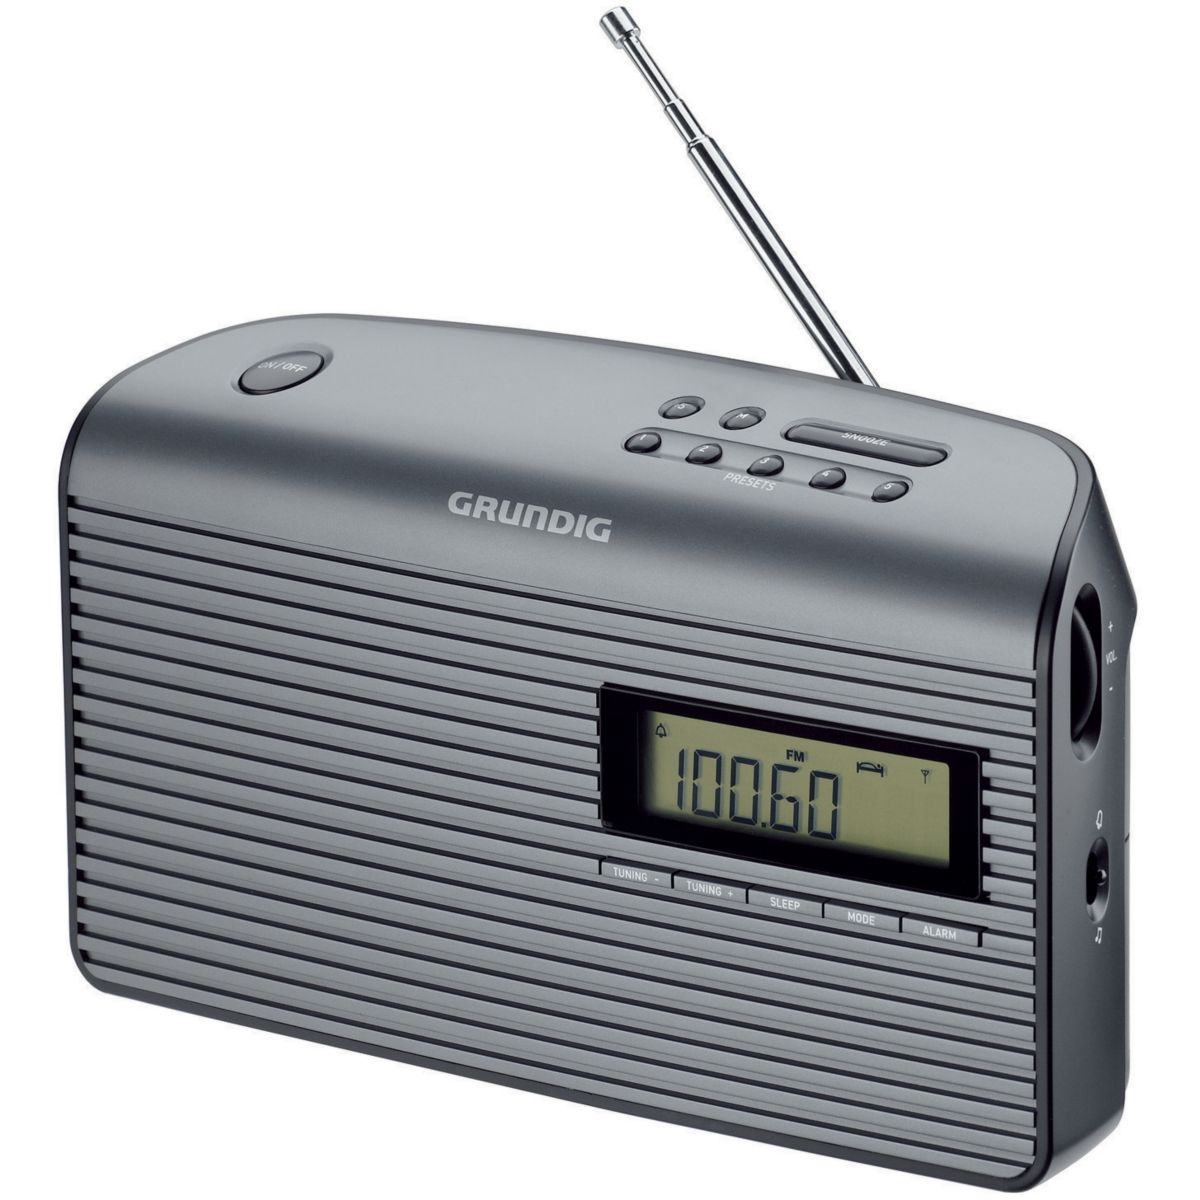 Radio analogique grundig music 61 noir